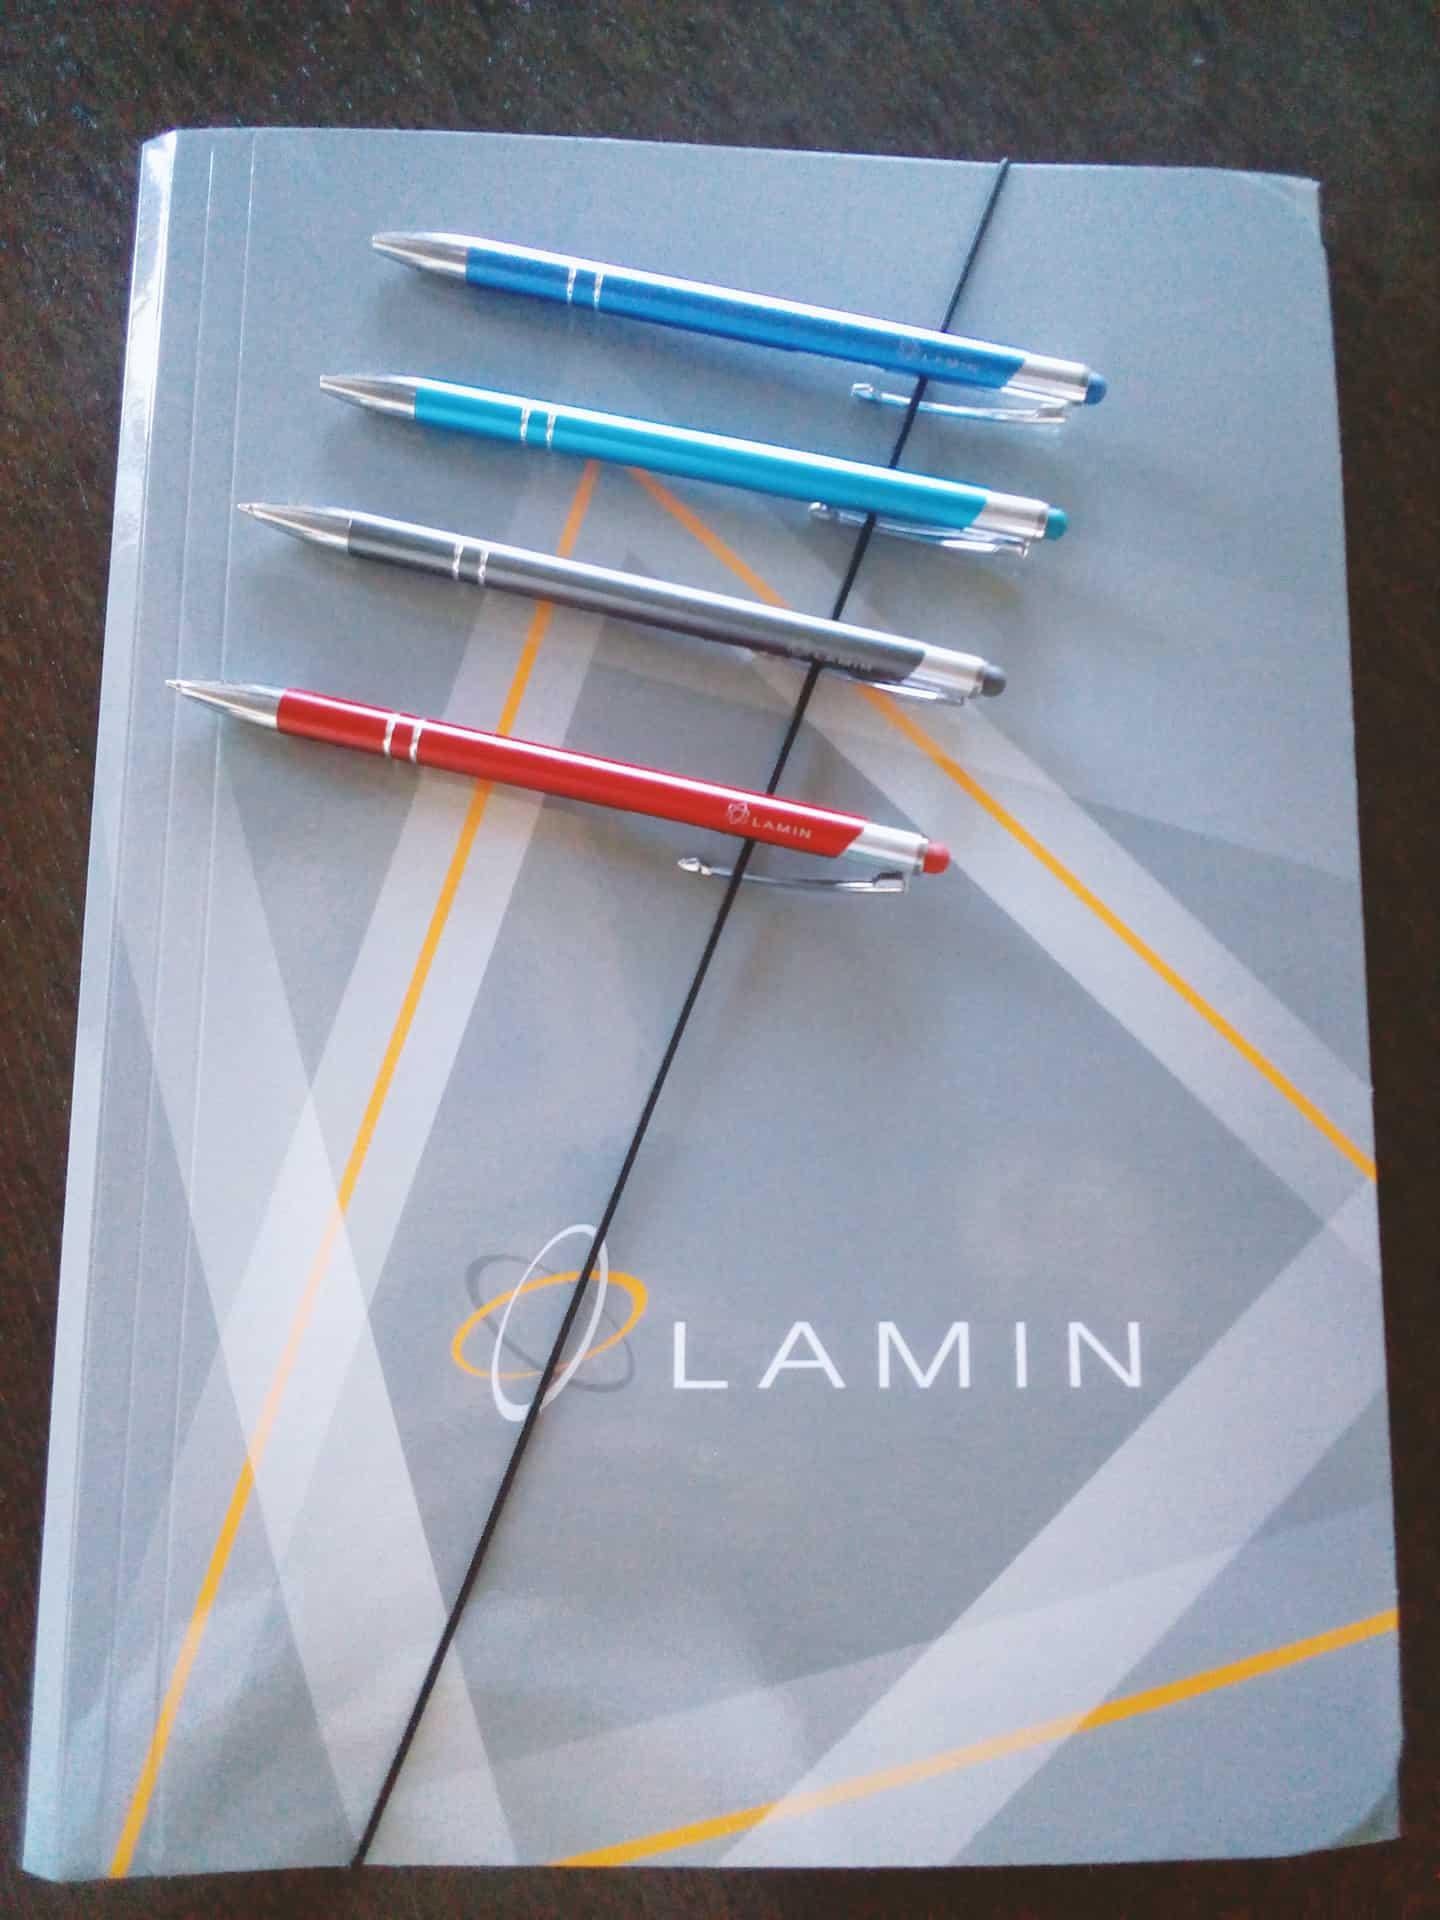 teczki i długopisy z logo Lamin